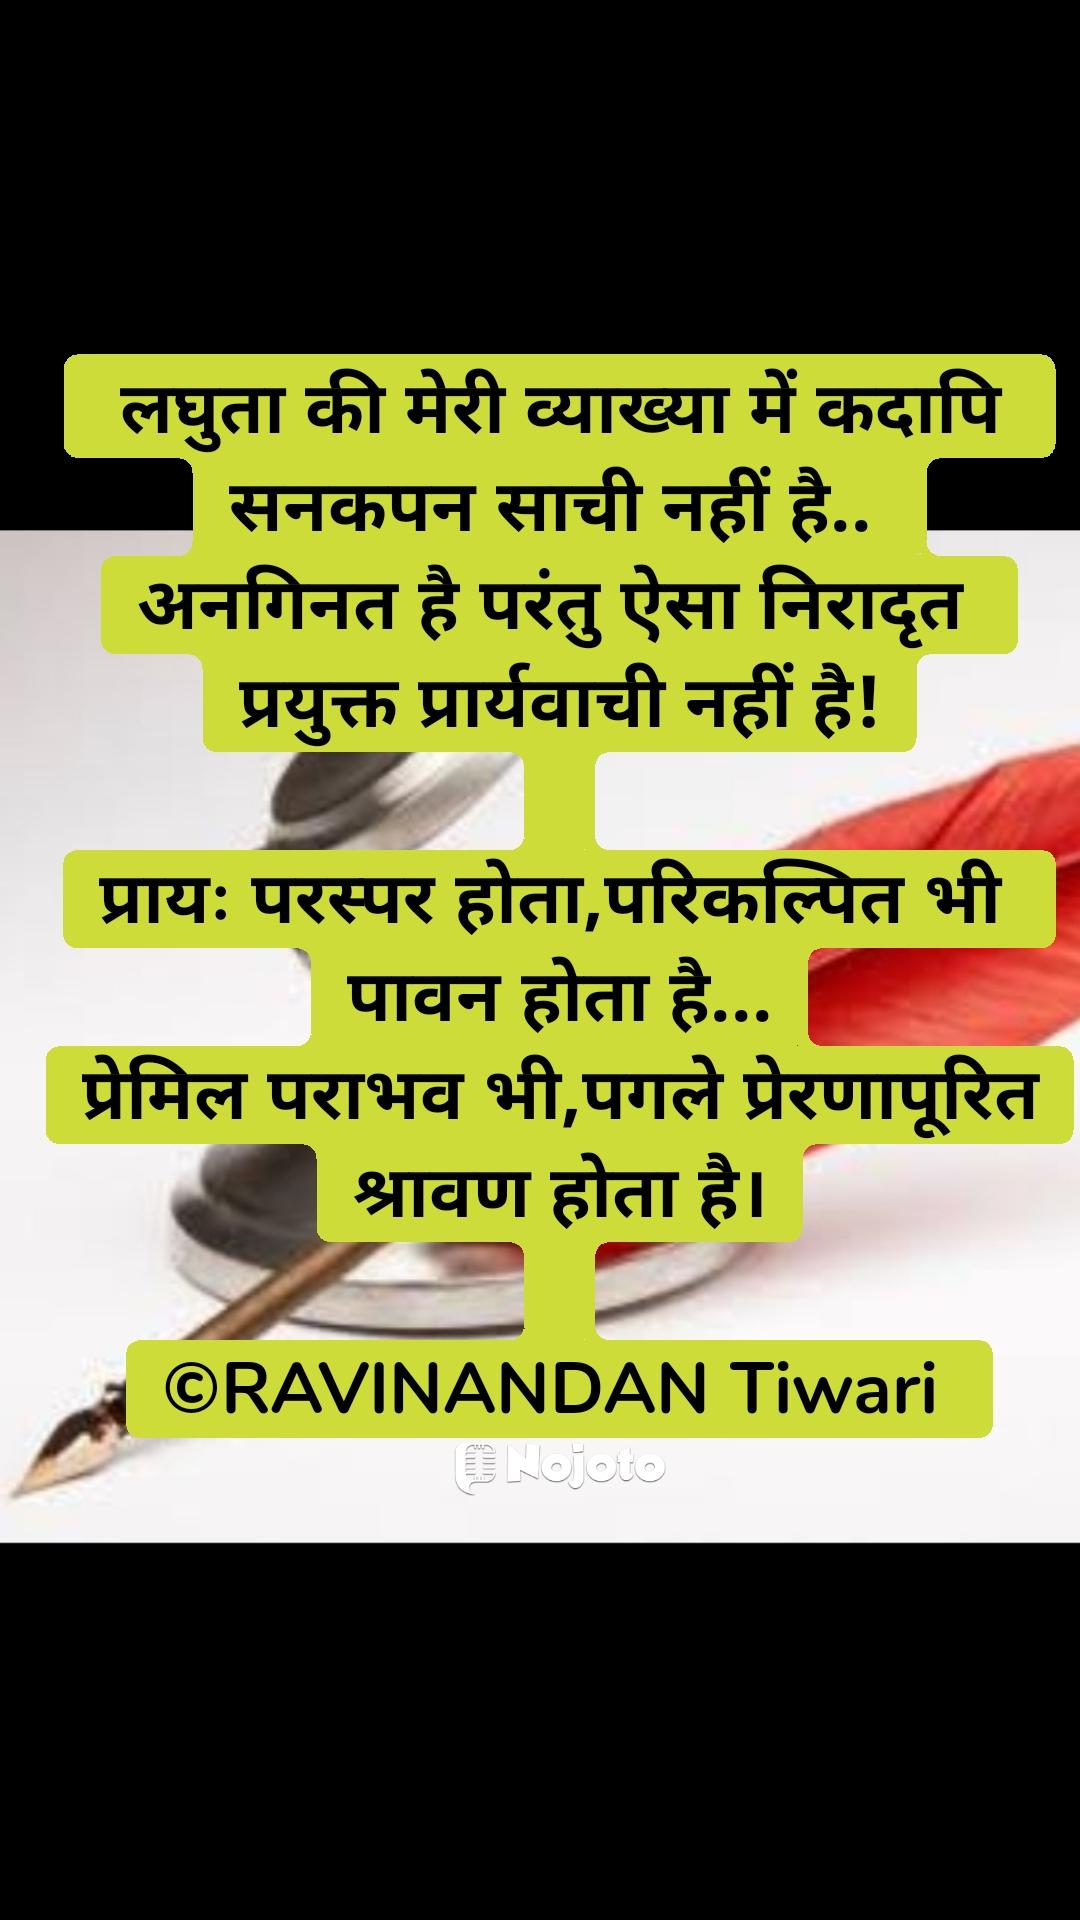 लघुता की मेरी व्याख्या में कदापि  सनकपन साची नहीं है..  अनगिनत है परंतु ऐसा निरादृत  प्रयुक्त प्रार्यवाची नहीं है!  प्रायः परस्पर होता,परिकल्पित भी  पावन होता है... प्रेमिल पराभव भी,पगले प्रेरणापूरित श्रावण होता है।  ©RAVINANDAN Tiwari